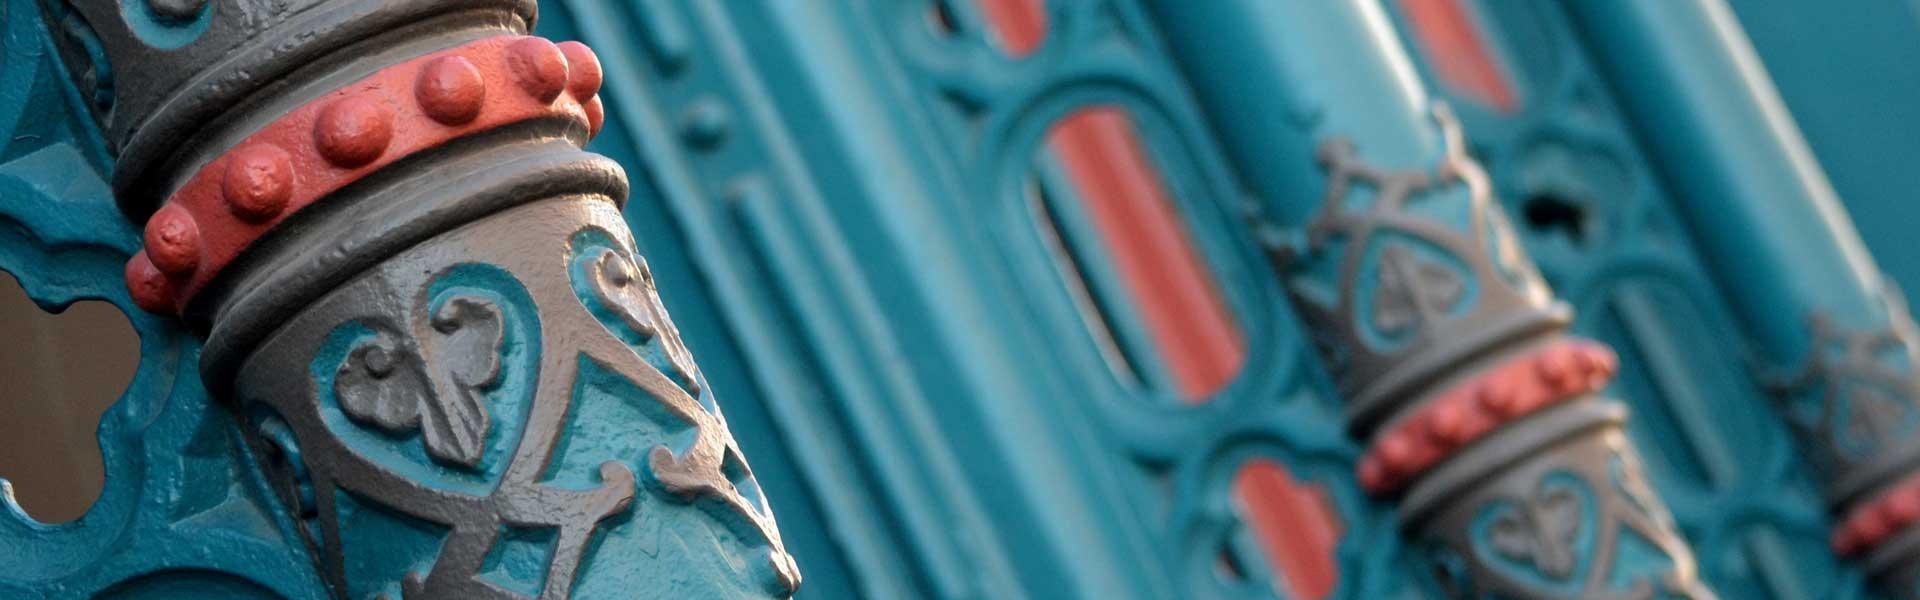 Iron Facade on Strand Building, Galveston, TX